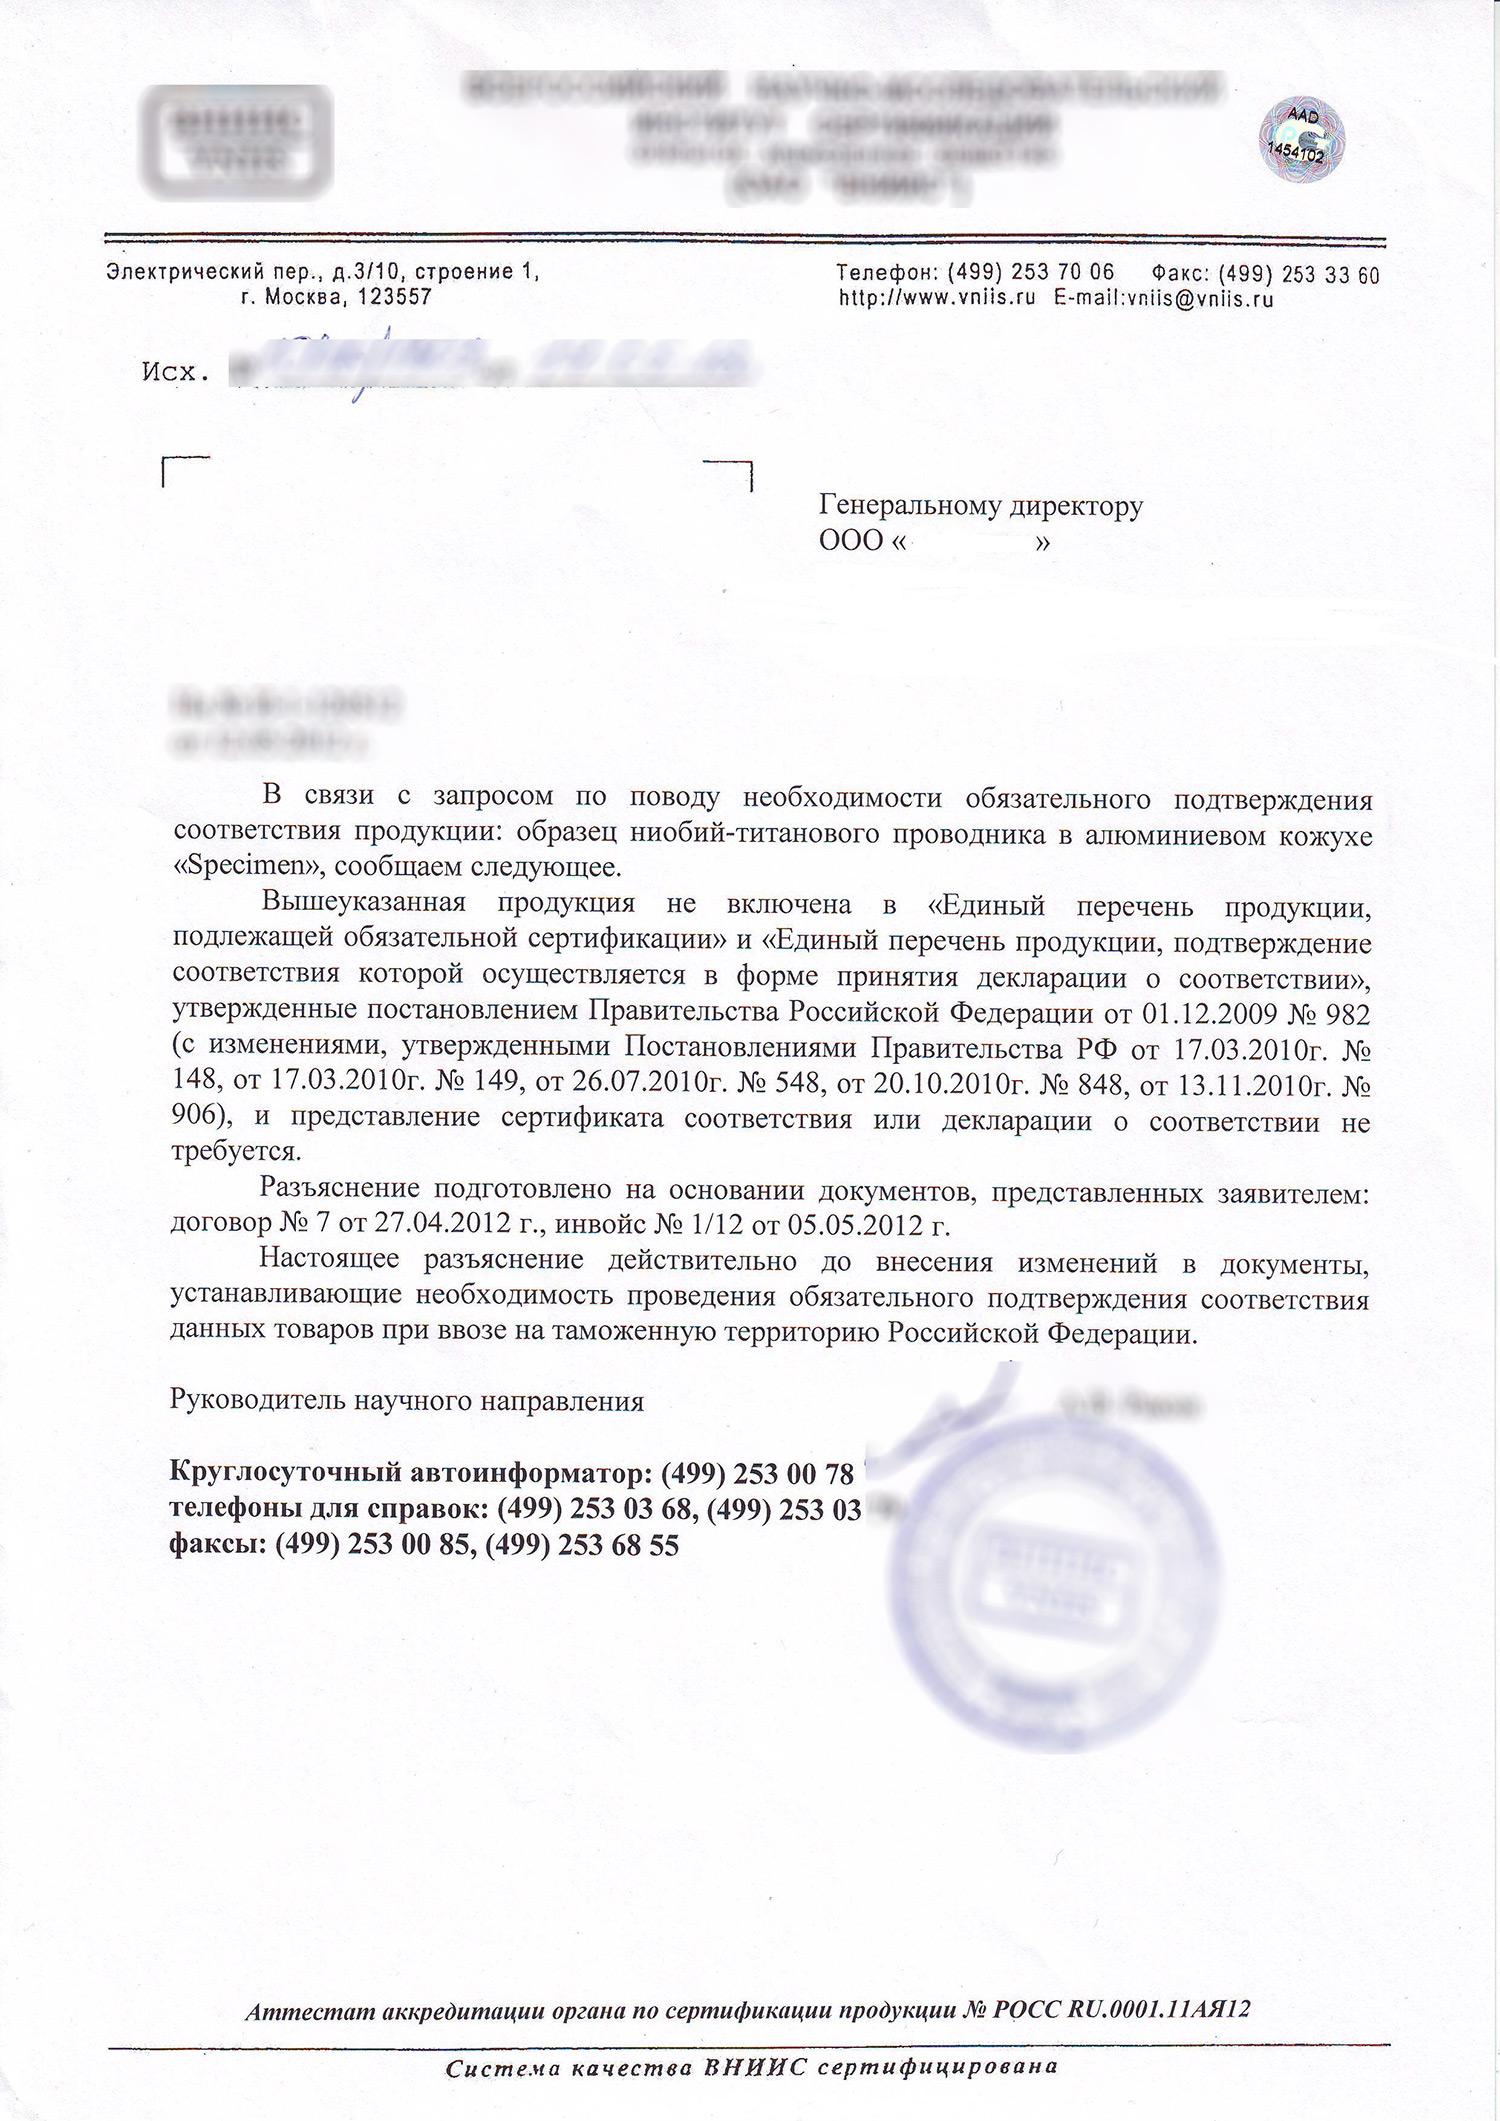 отказные письма сертификации бланк